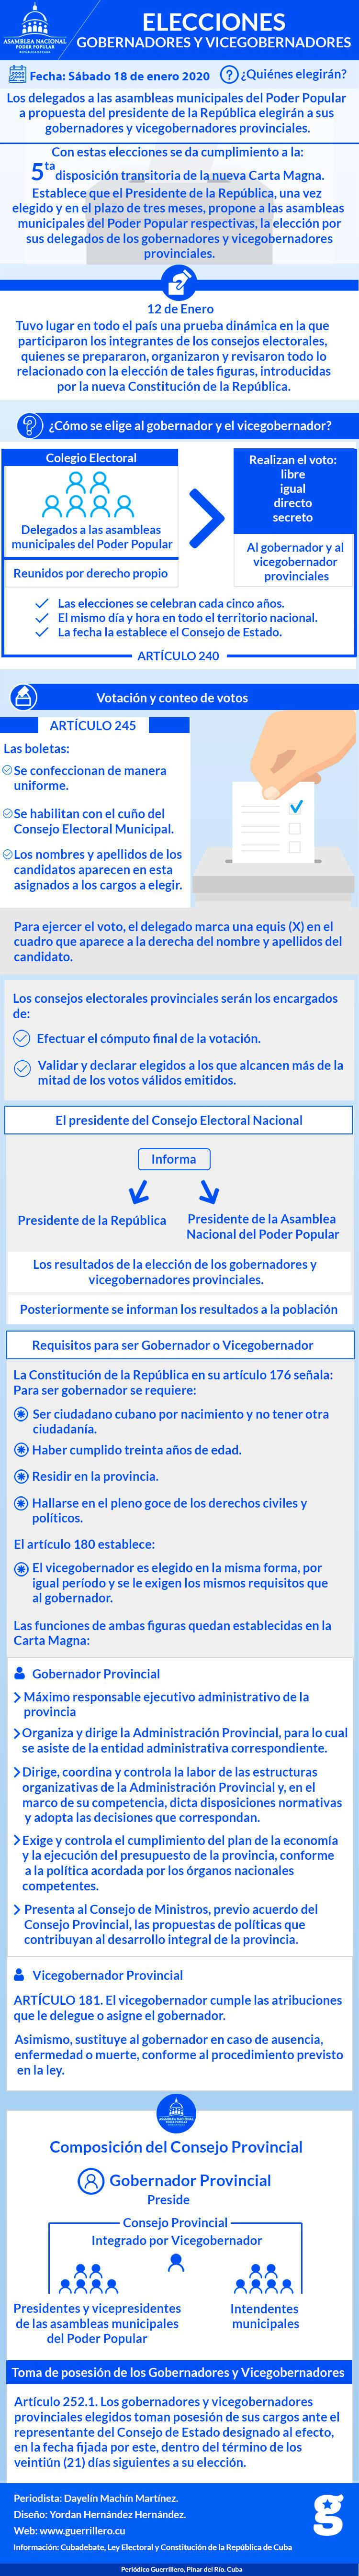 Infografia Gobernadores 3